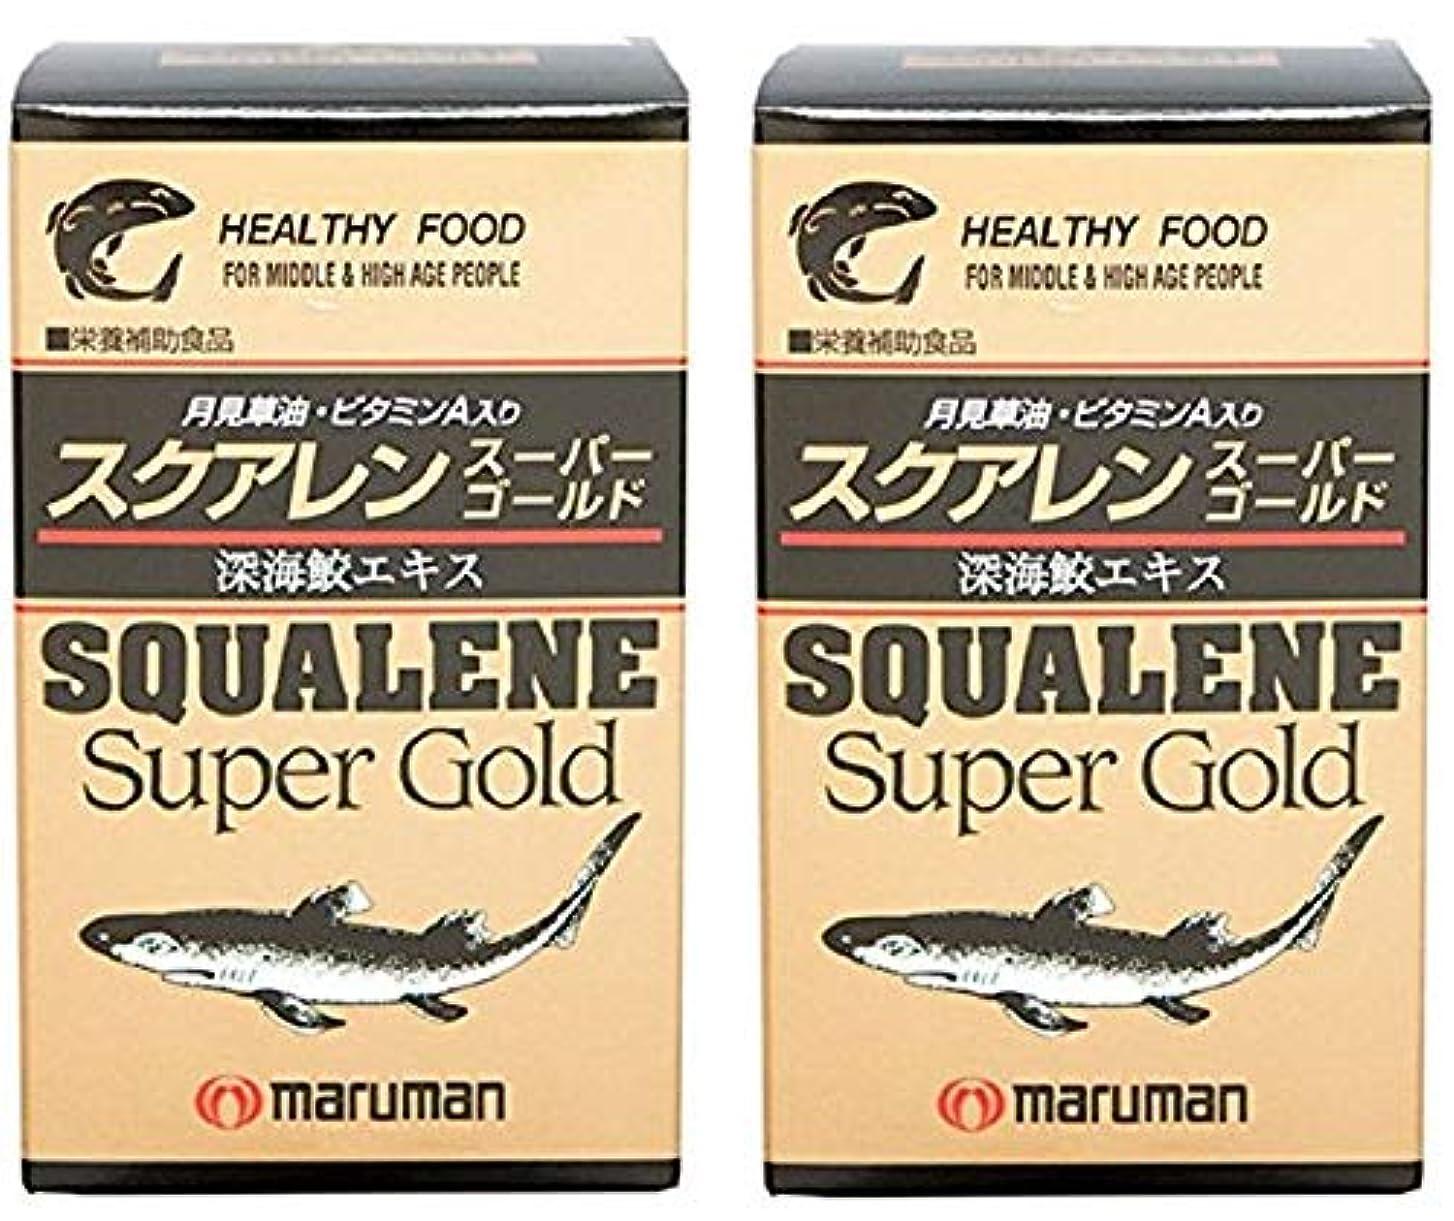 値下げ昇進豊富にマルマン スクアレン スーパーゴールド 440㎎×300粒 X2個セット